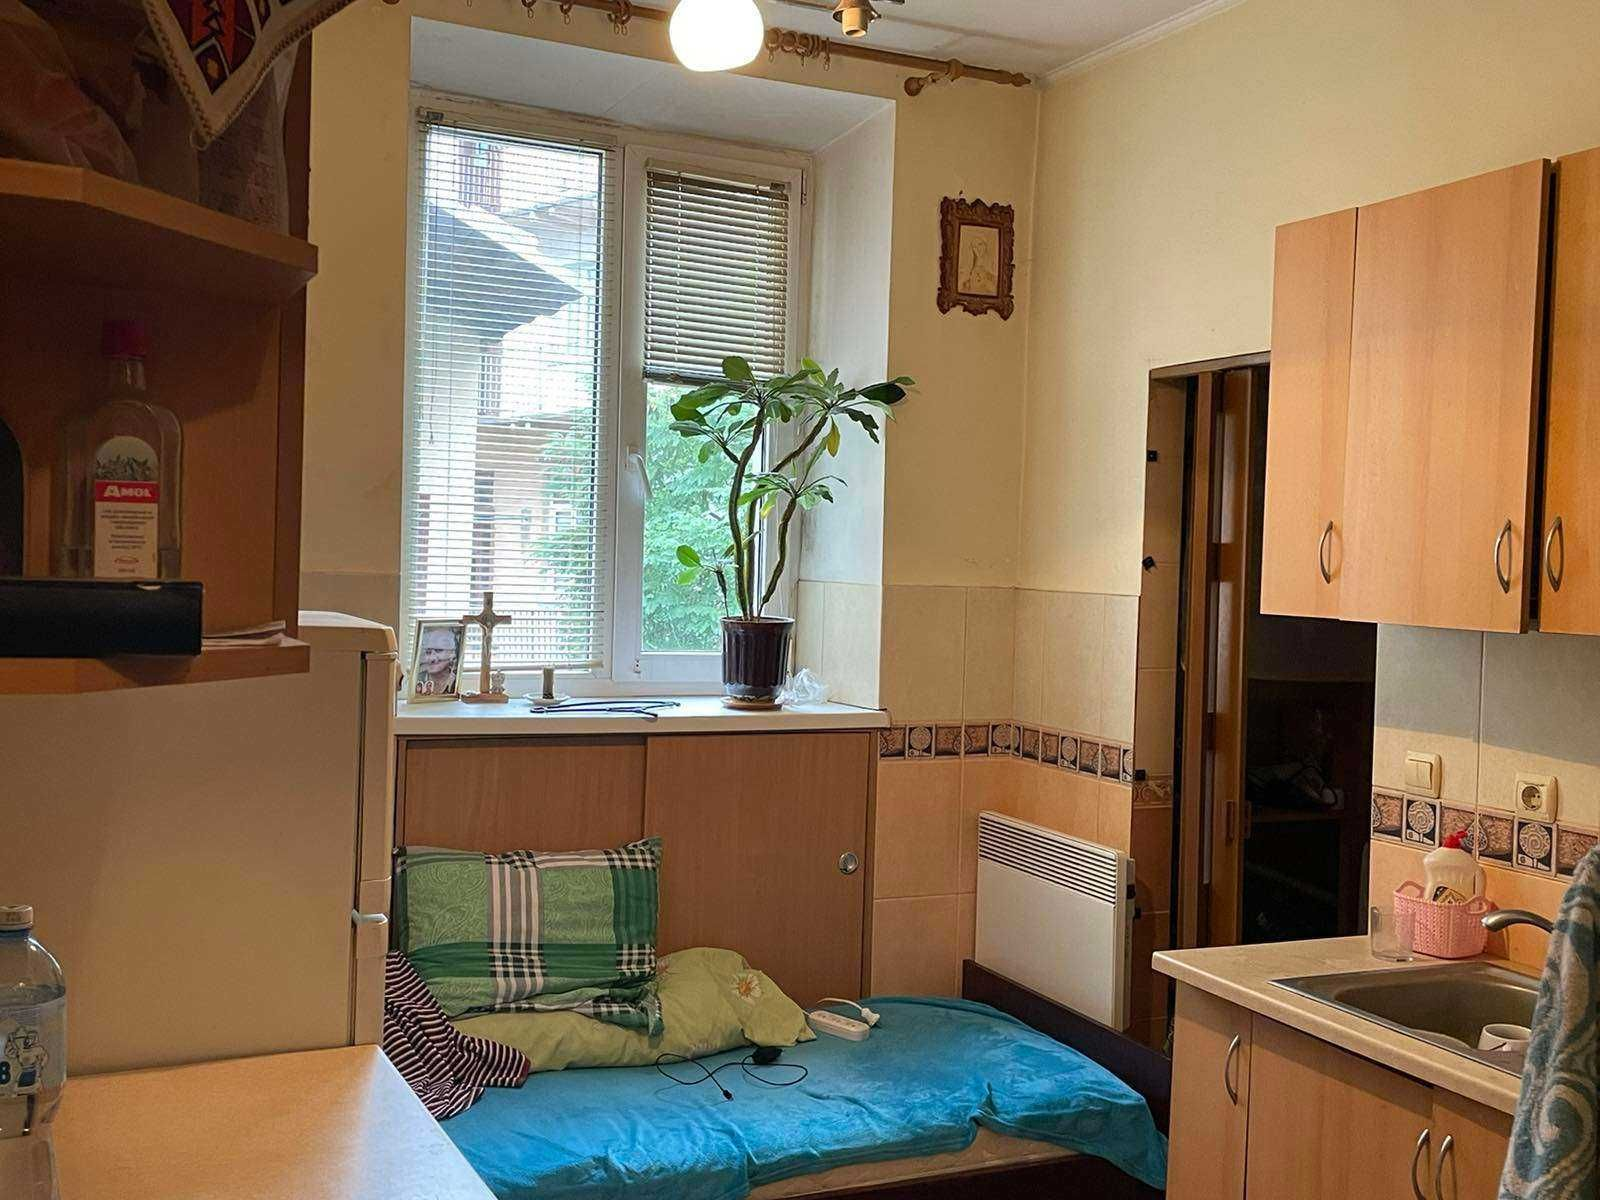 Продаю 1-кімн. квартиру по вул. Туган-Барановського